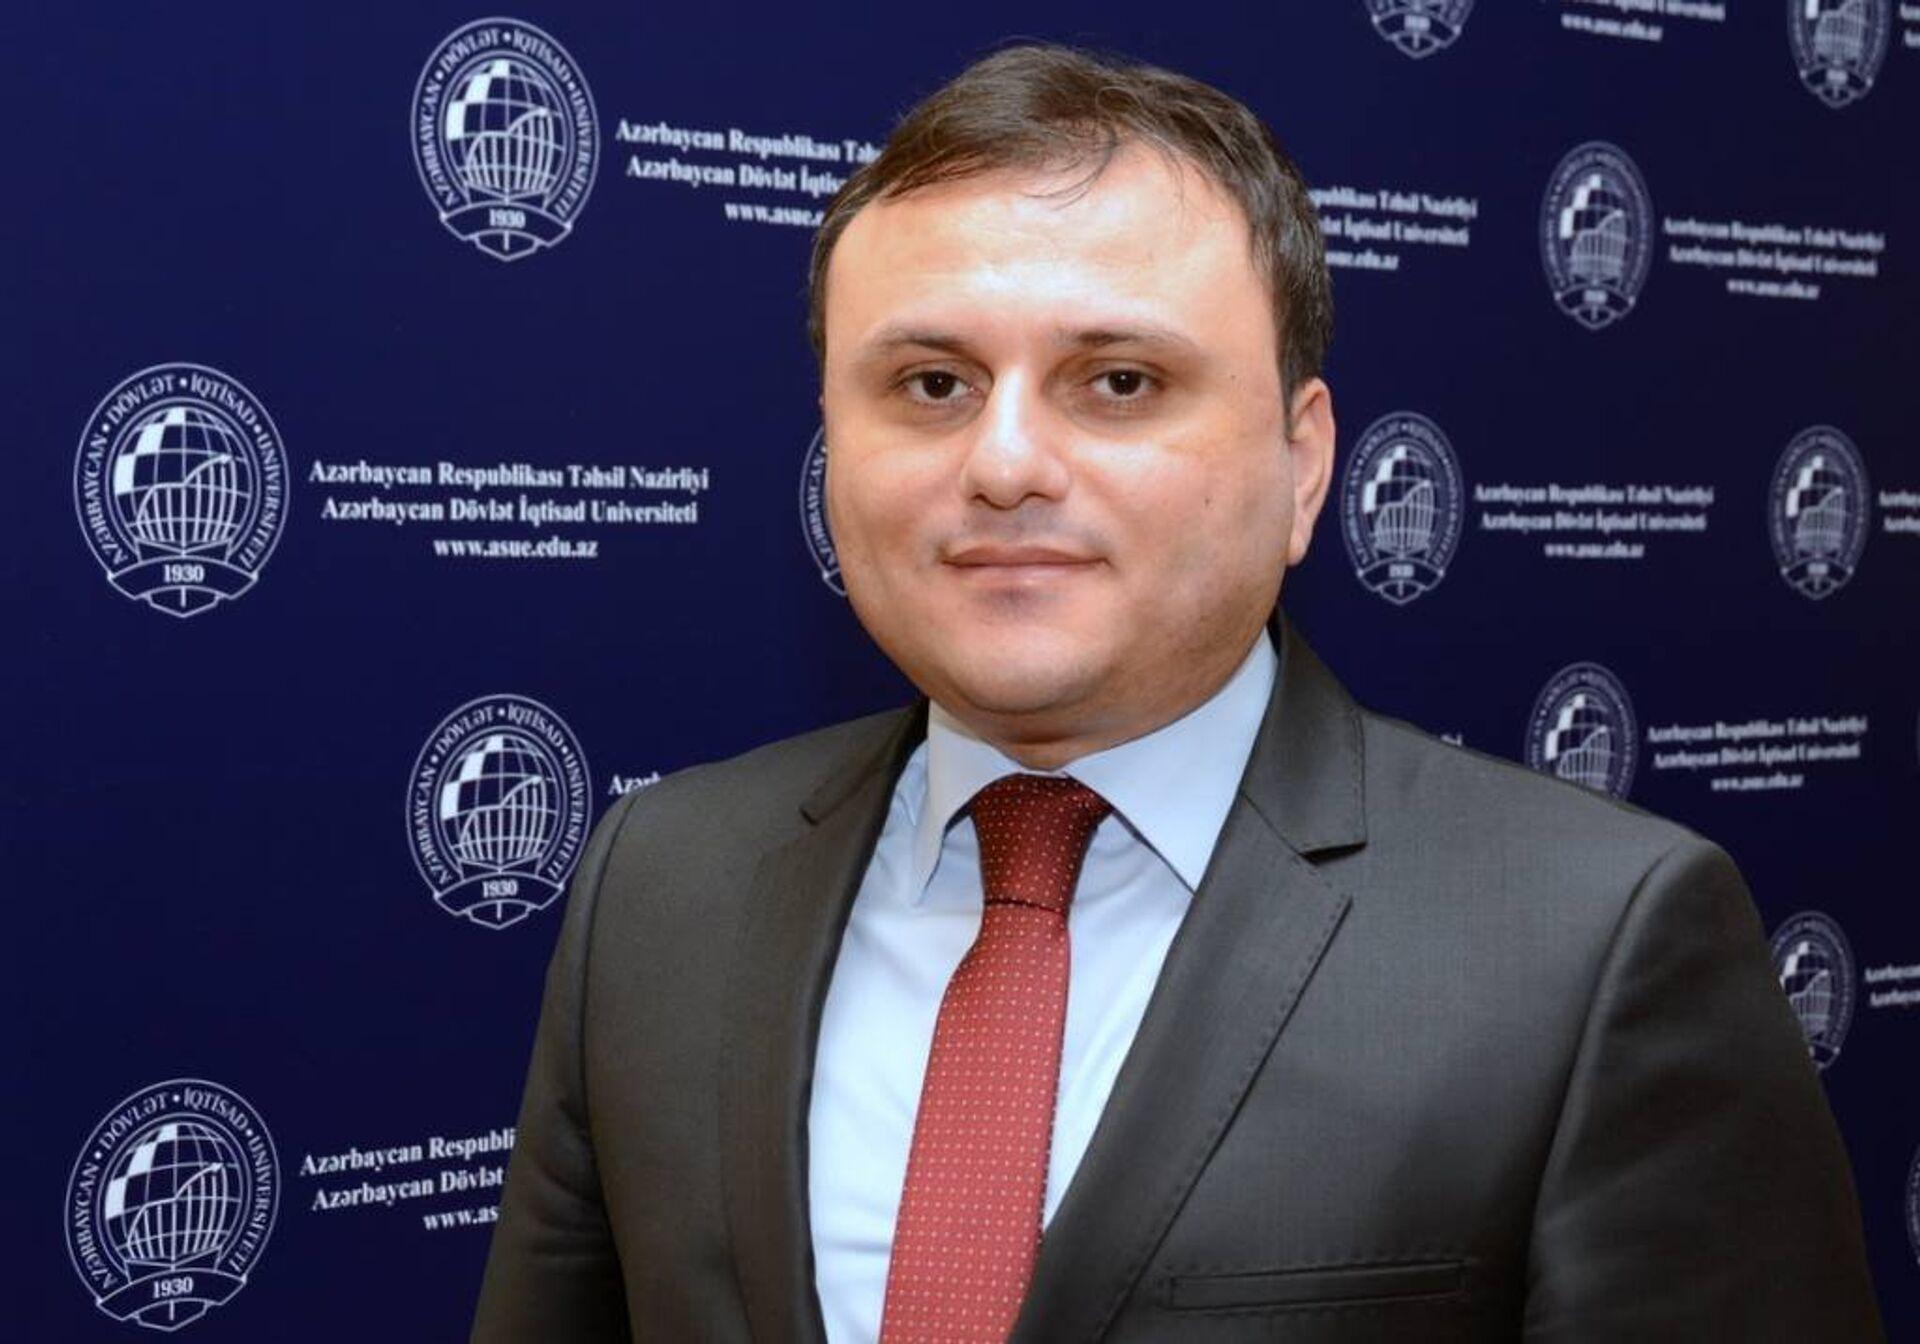 Azərbaycan Dövlət İqtisad Universitetinin (UNEC) dosenti Elşən Bağırzadə - Sputnik Azərbaycan, 1920, 13.10.2021